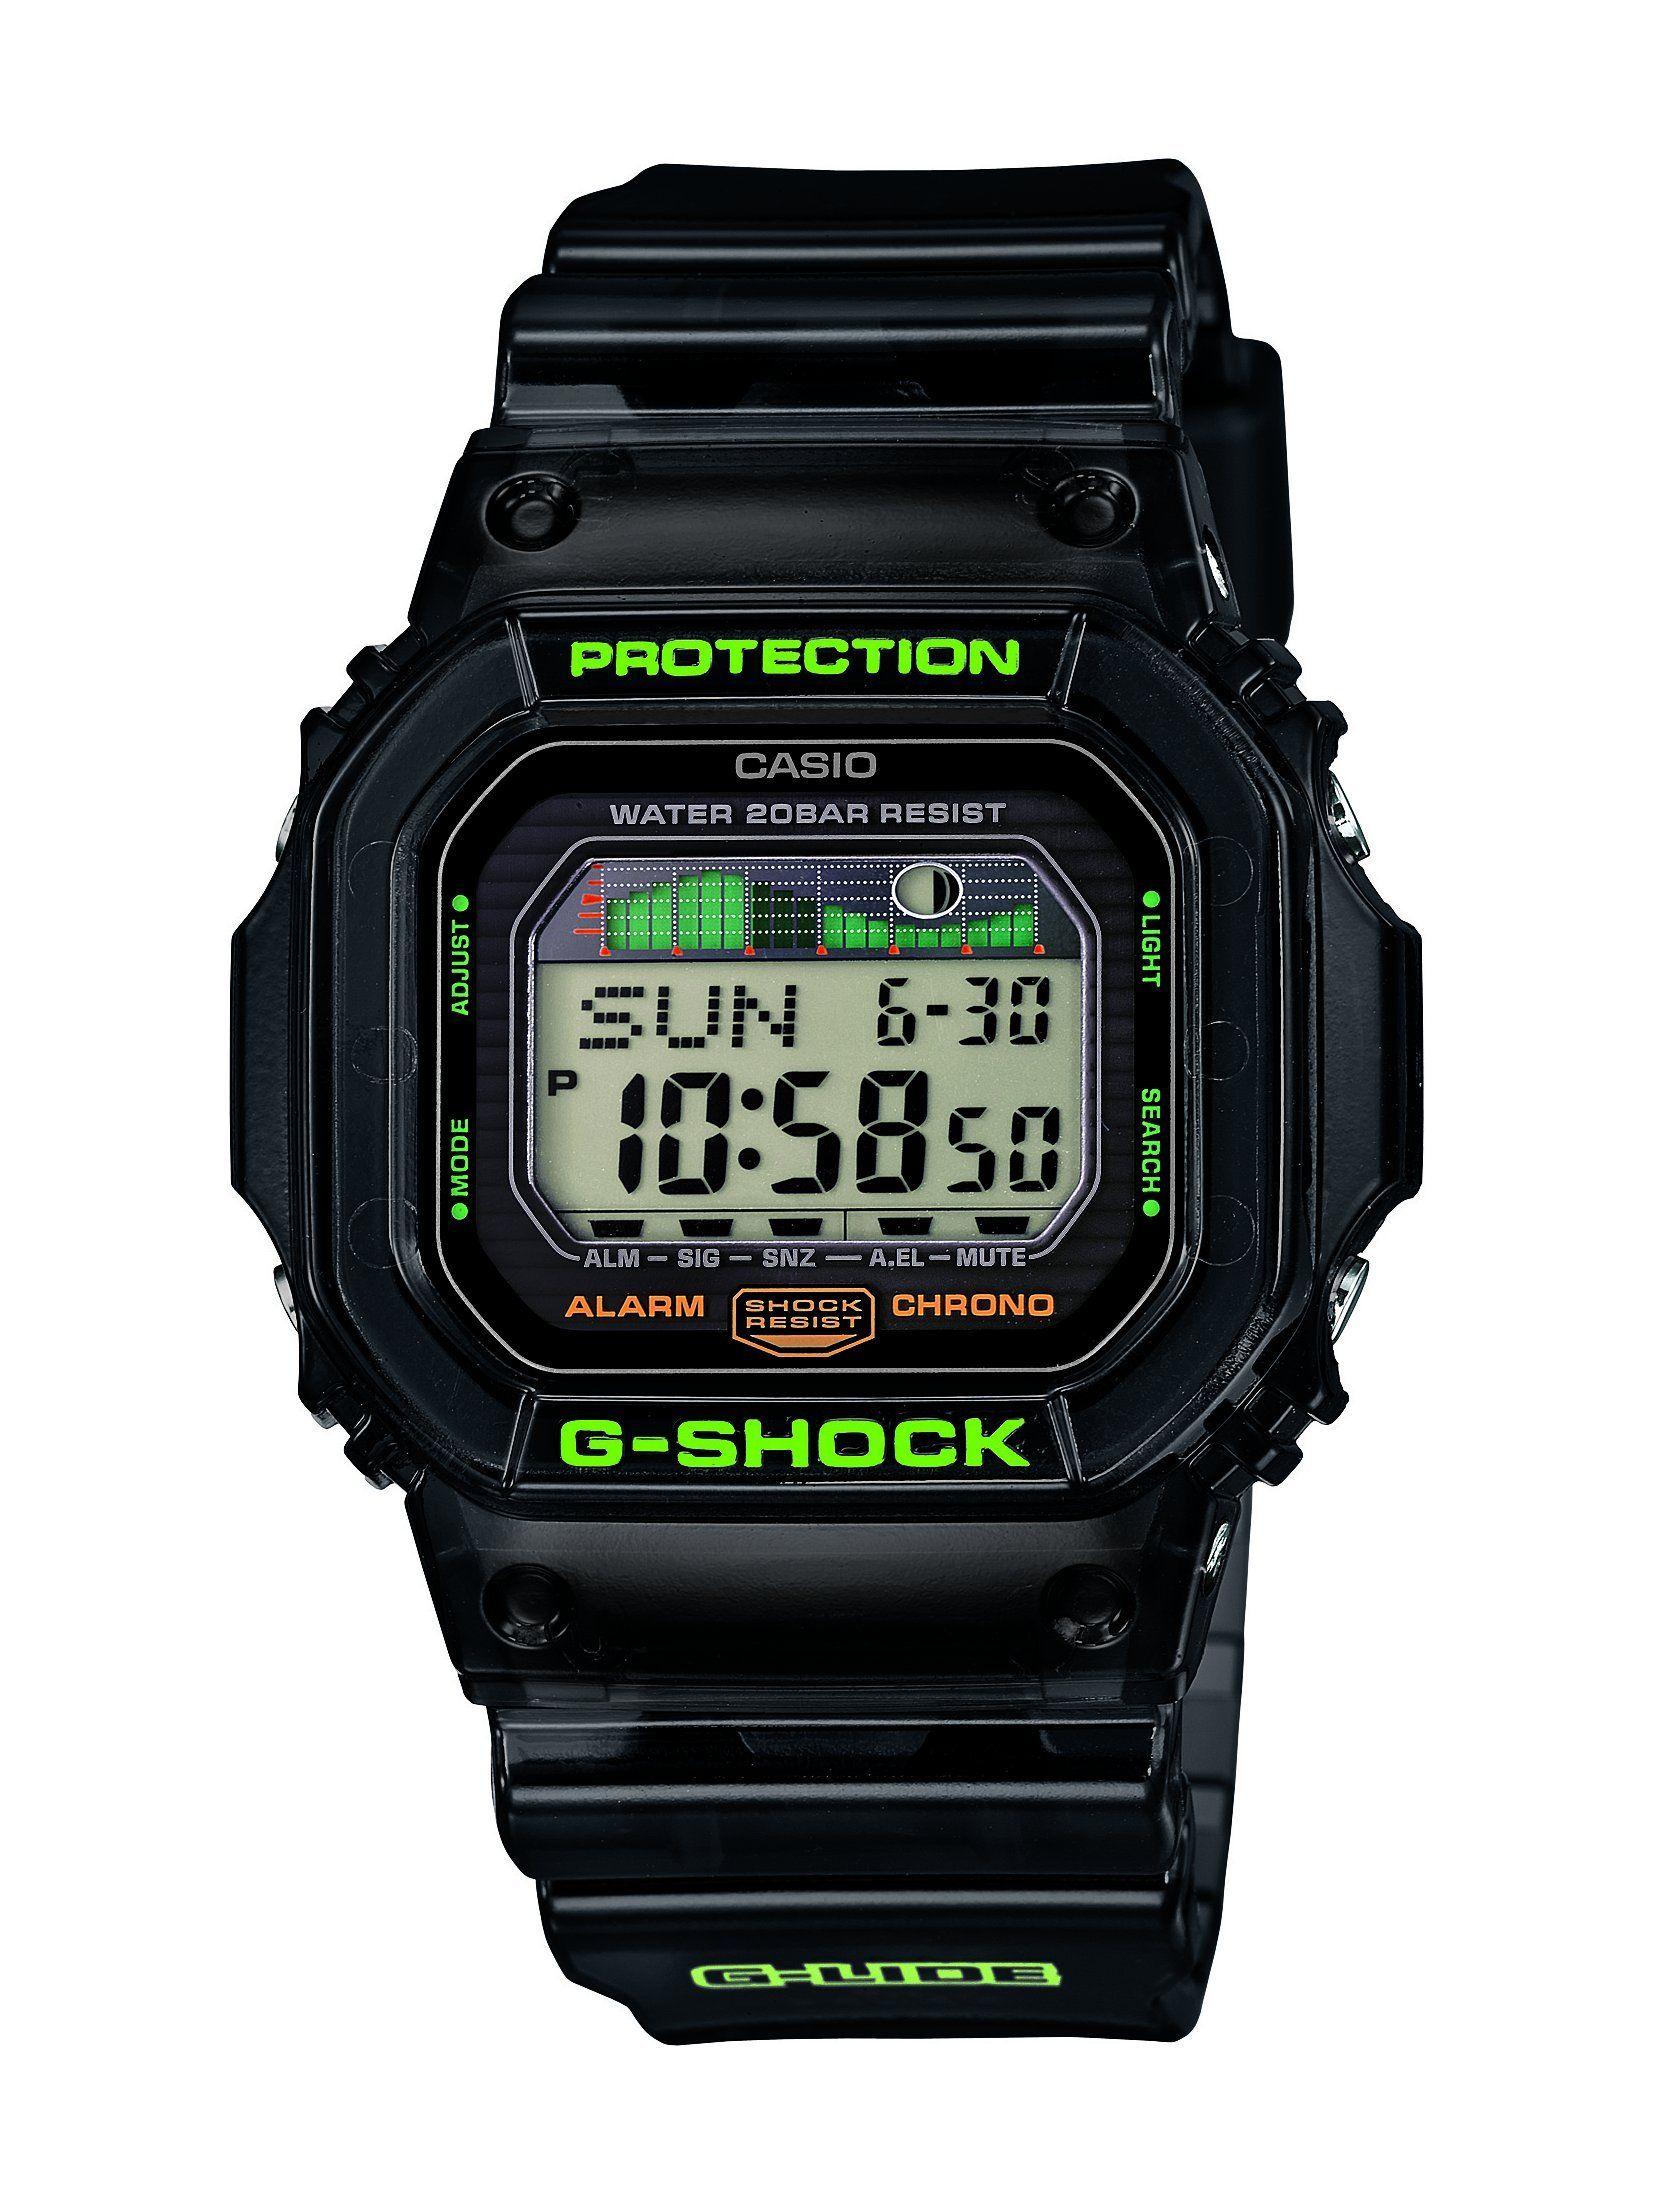 Casio Glx 5600c 1er G Shock Montre Homme Quartz Digital Cadran Noir Bracelet Resine Noir Amazon Fr Mont Casio G Shock Casio Watch G Shock Watches